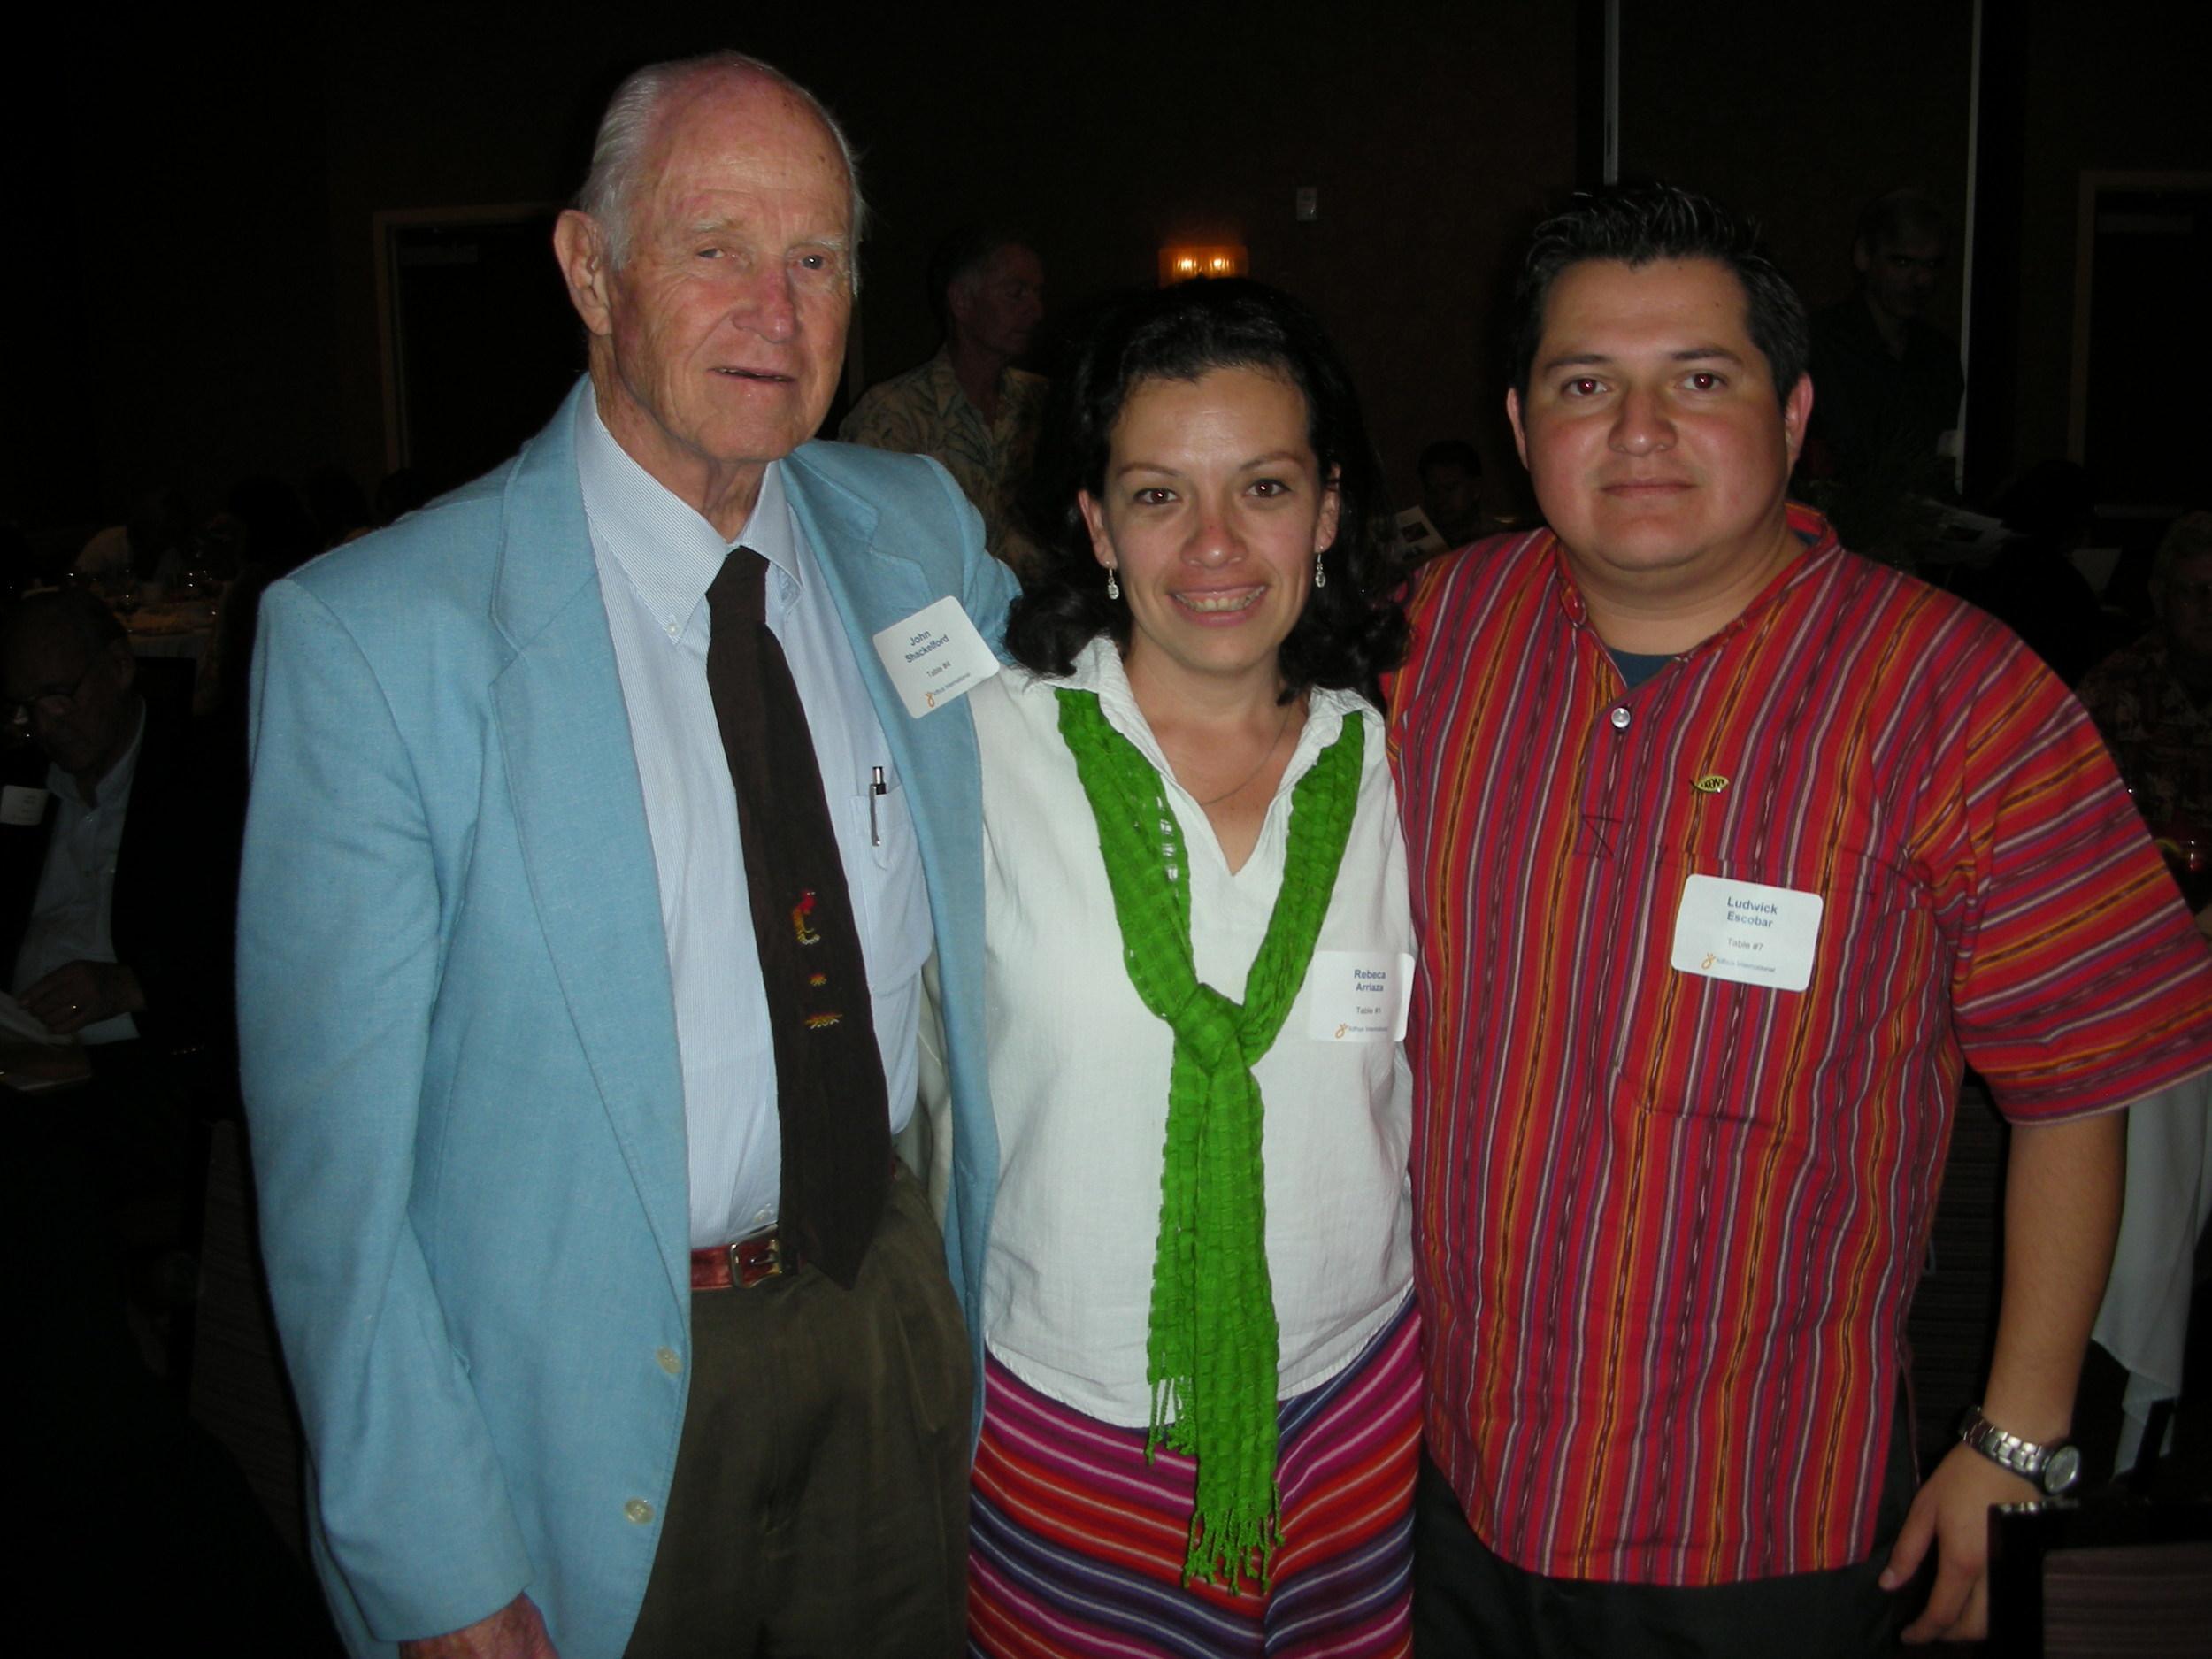 John con Rebeca Arriaza y Ludwick Escobar de Guatemala. Este era durante de un banquete de donantes en Los Angeles para levantar fondos para el ministerio Icthus.